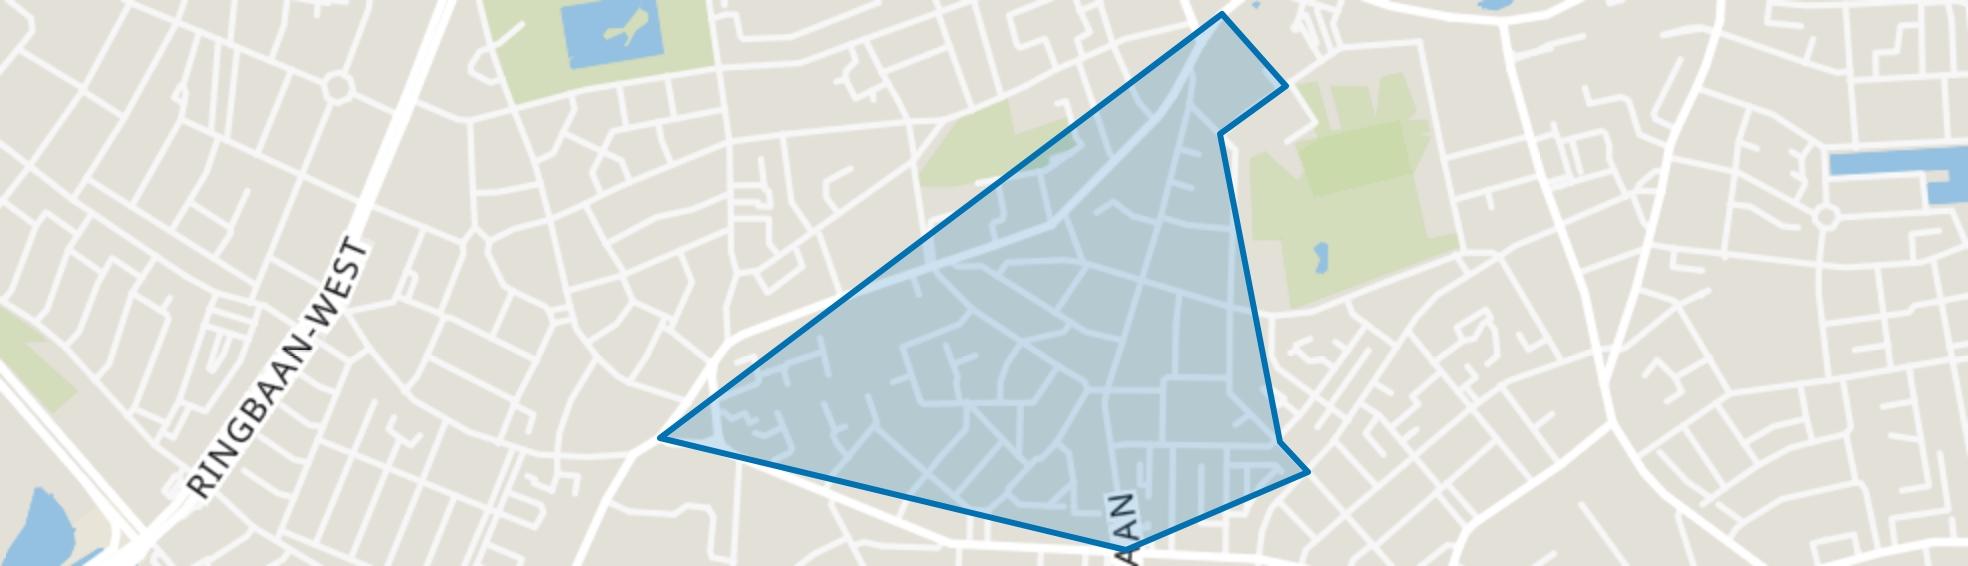 Trouwlaan - Uitvindersbuurt, Tilburg map